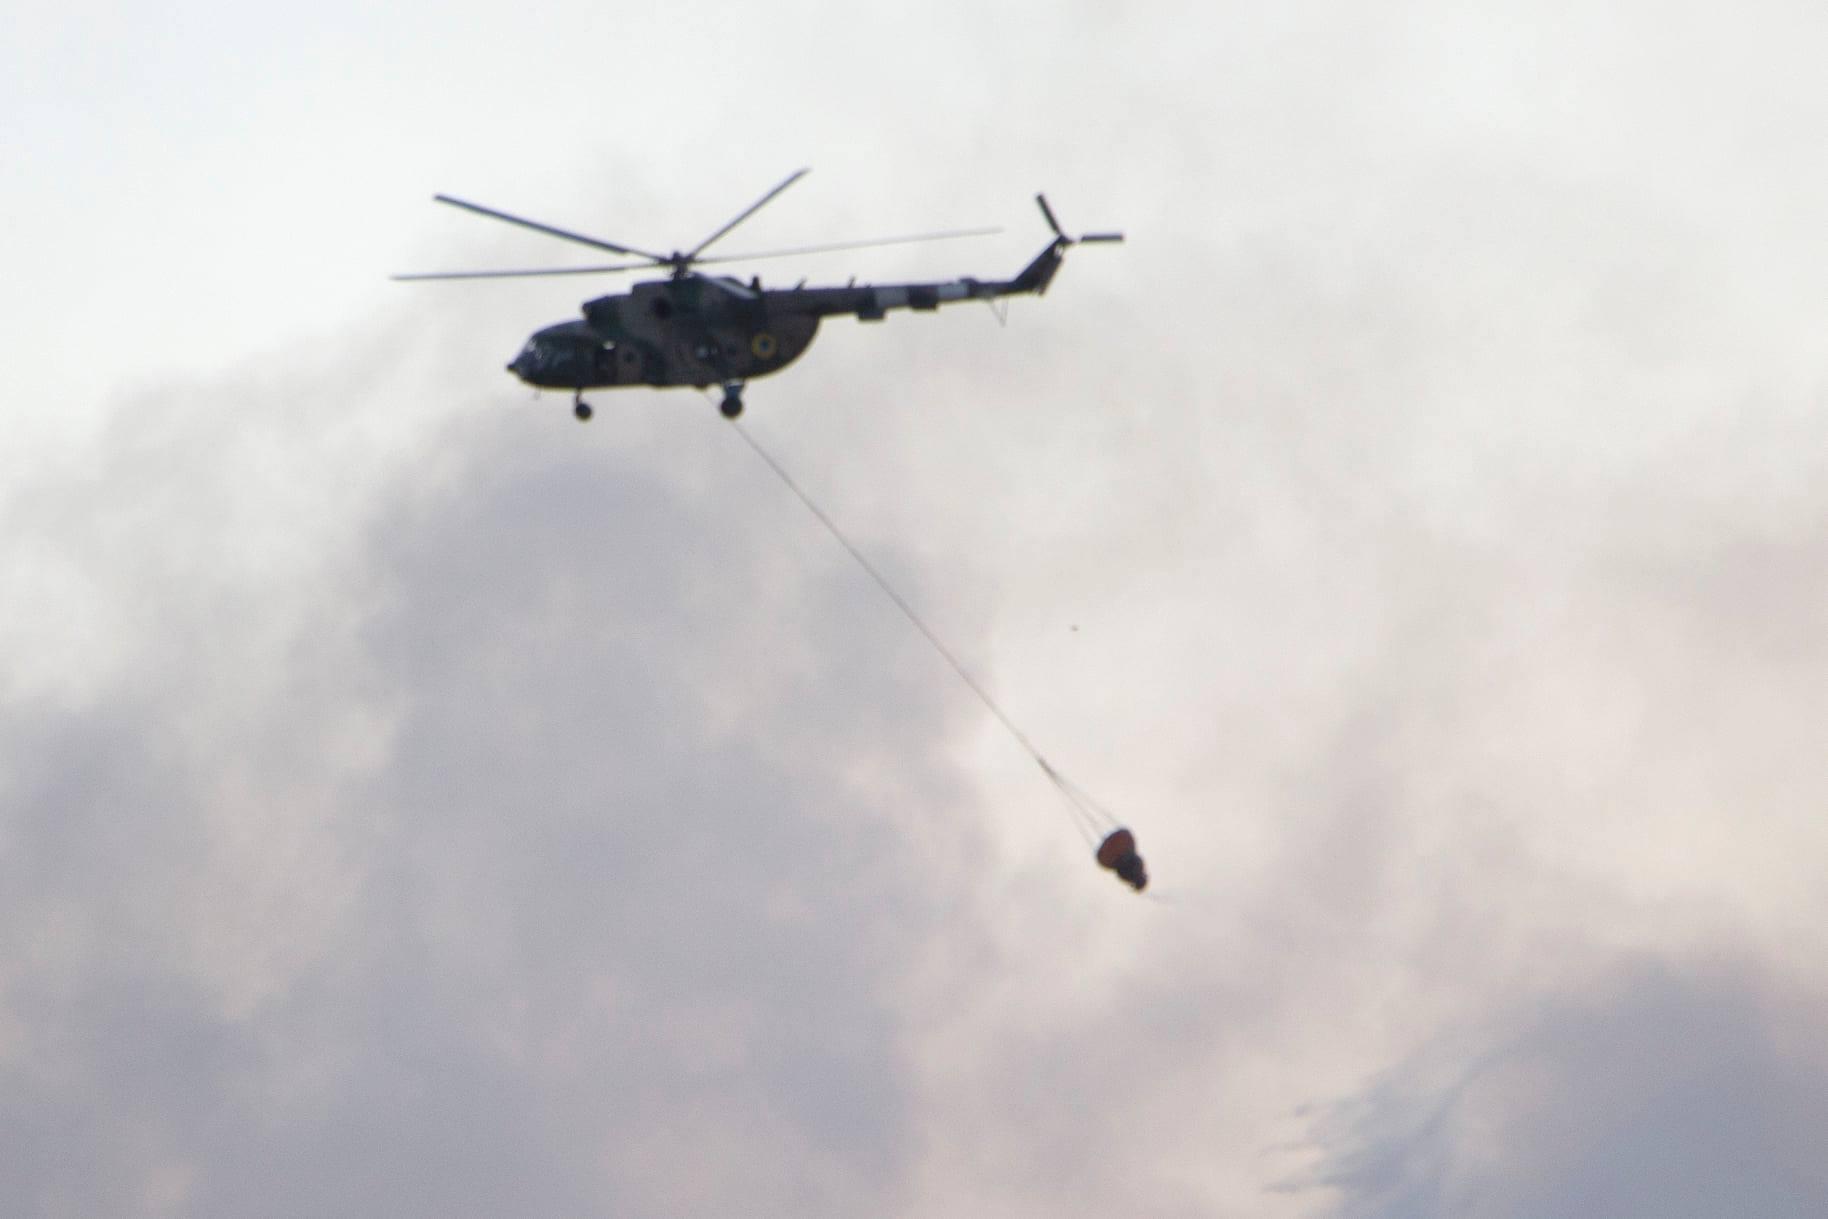 Пожежа на військовому полігоні на півдні України: подробиці пожежі